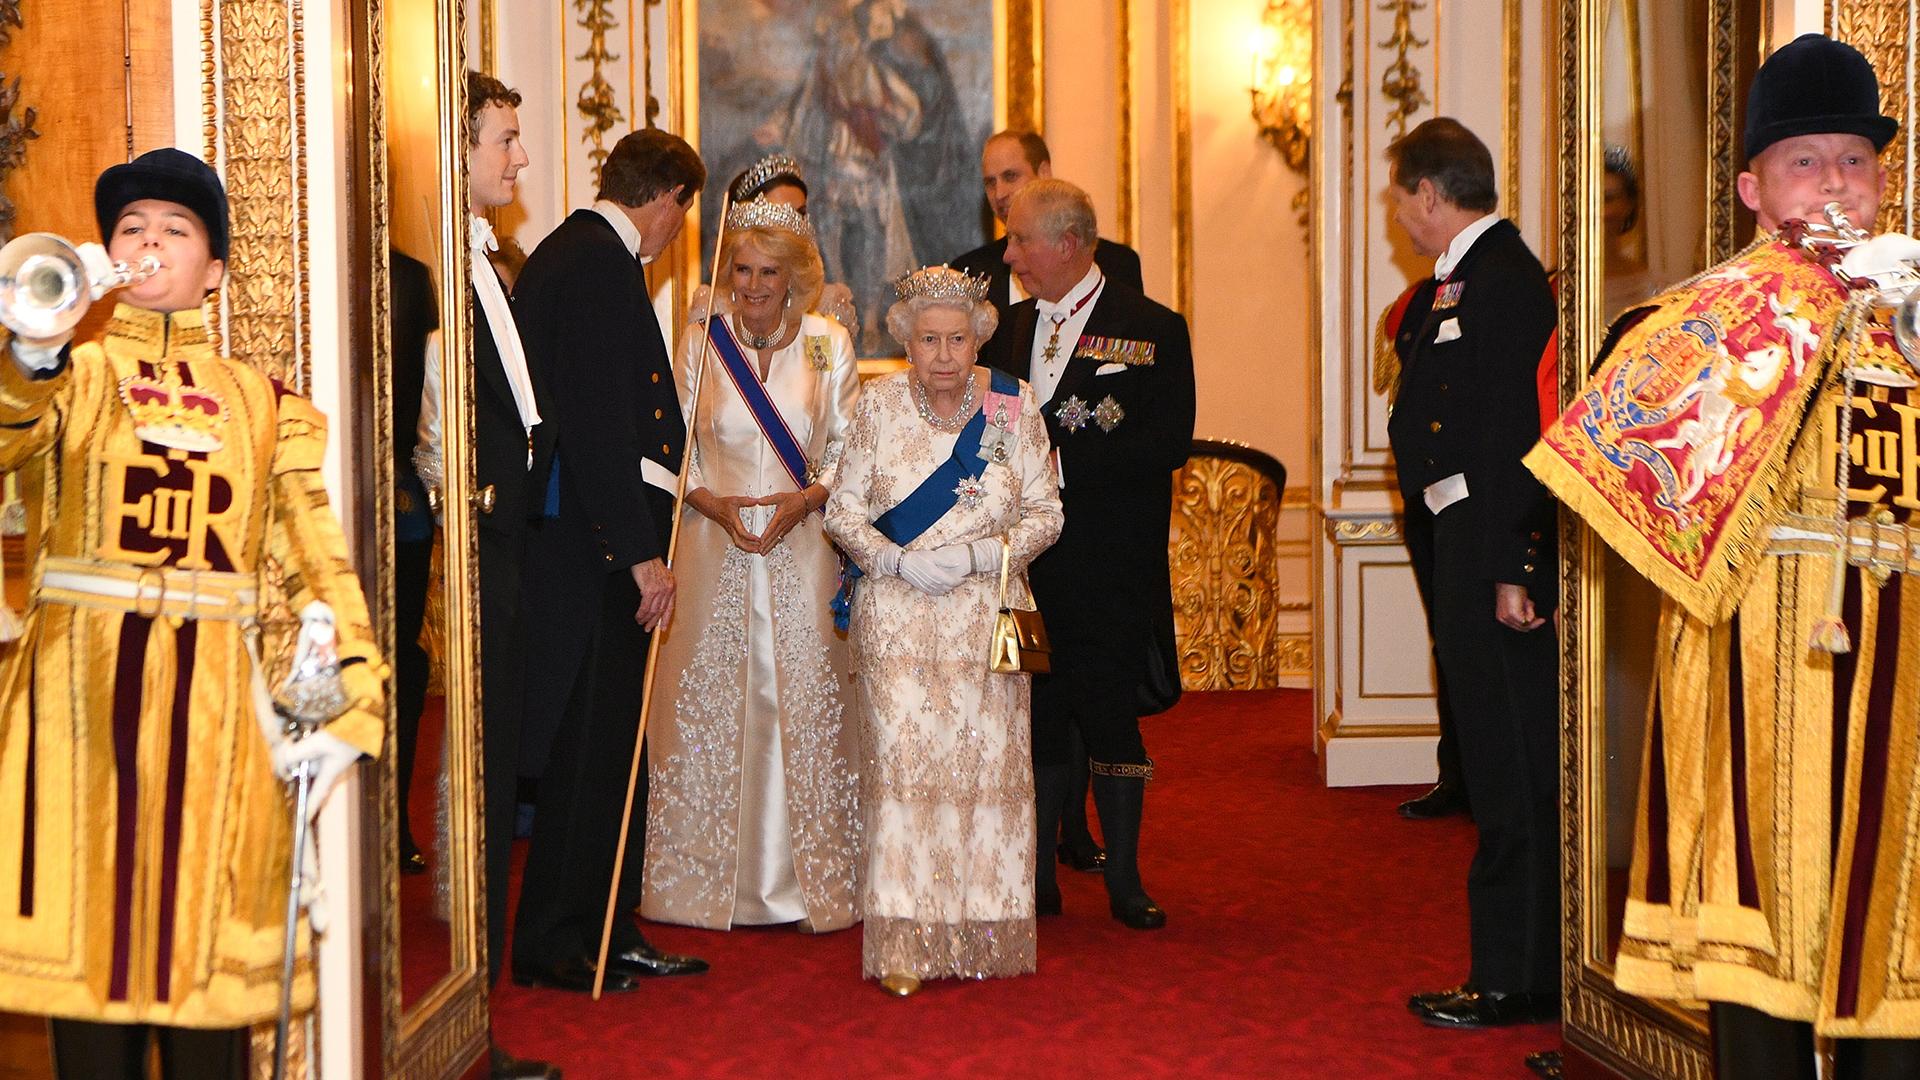 La reina Isabel camina junto a su hijo, el príncipe Carlos, y su mujer Camila, duquesa de Cornwall